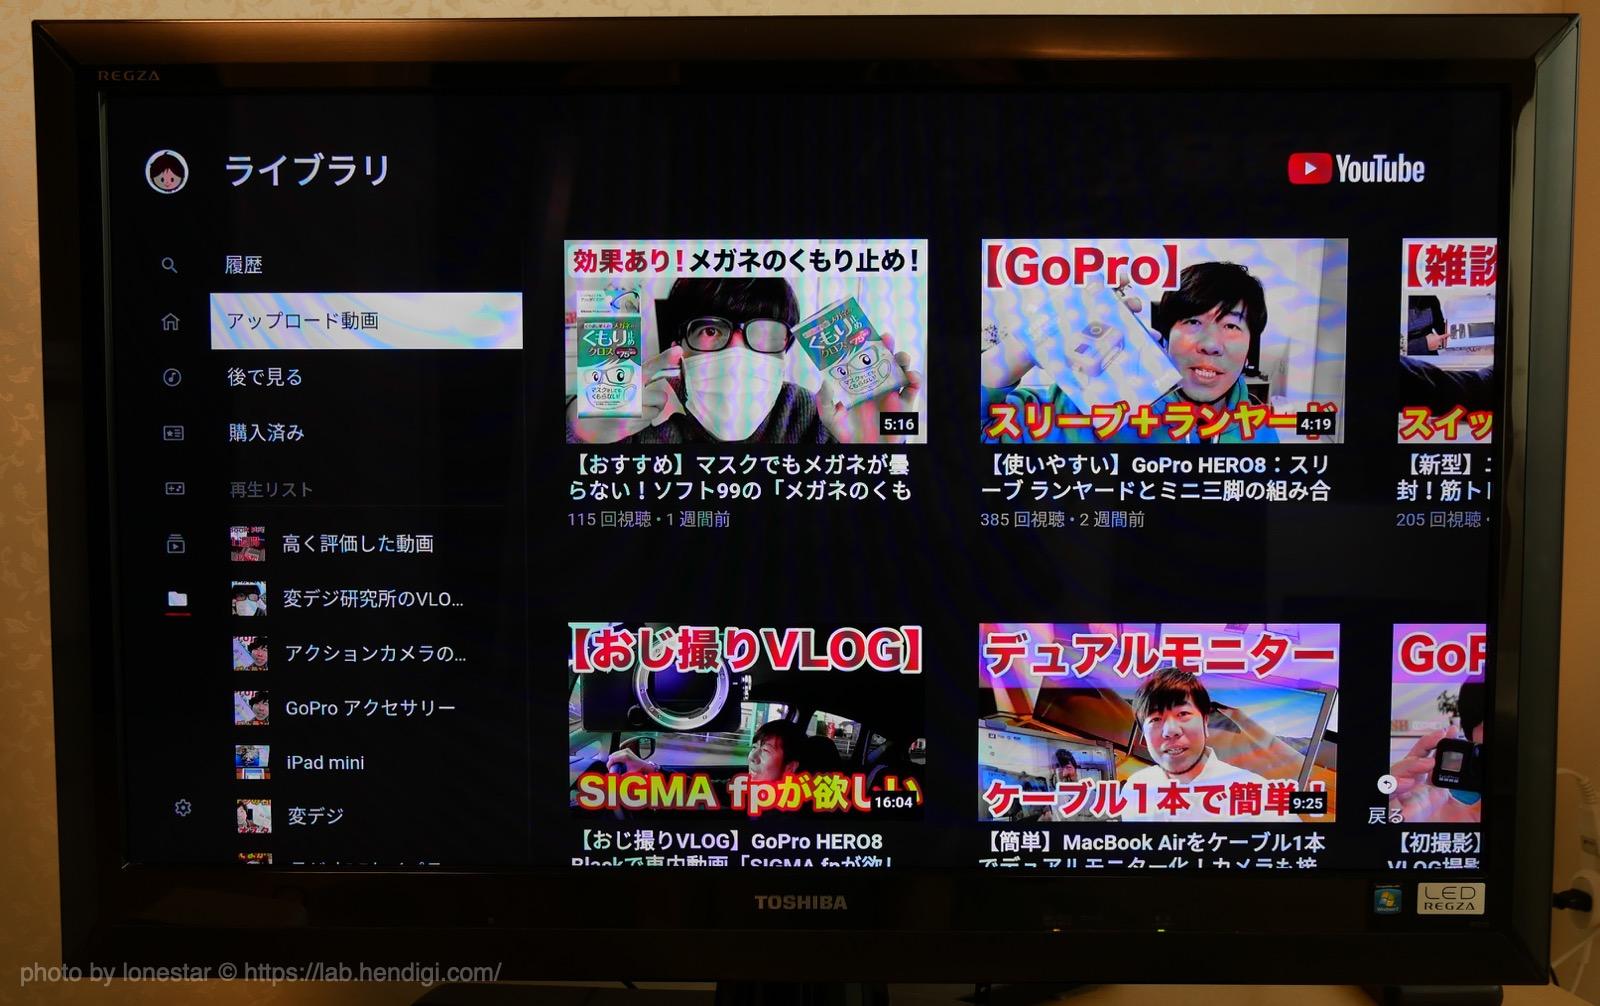 YouTube テレビ 使い方